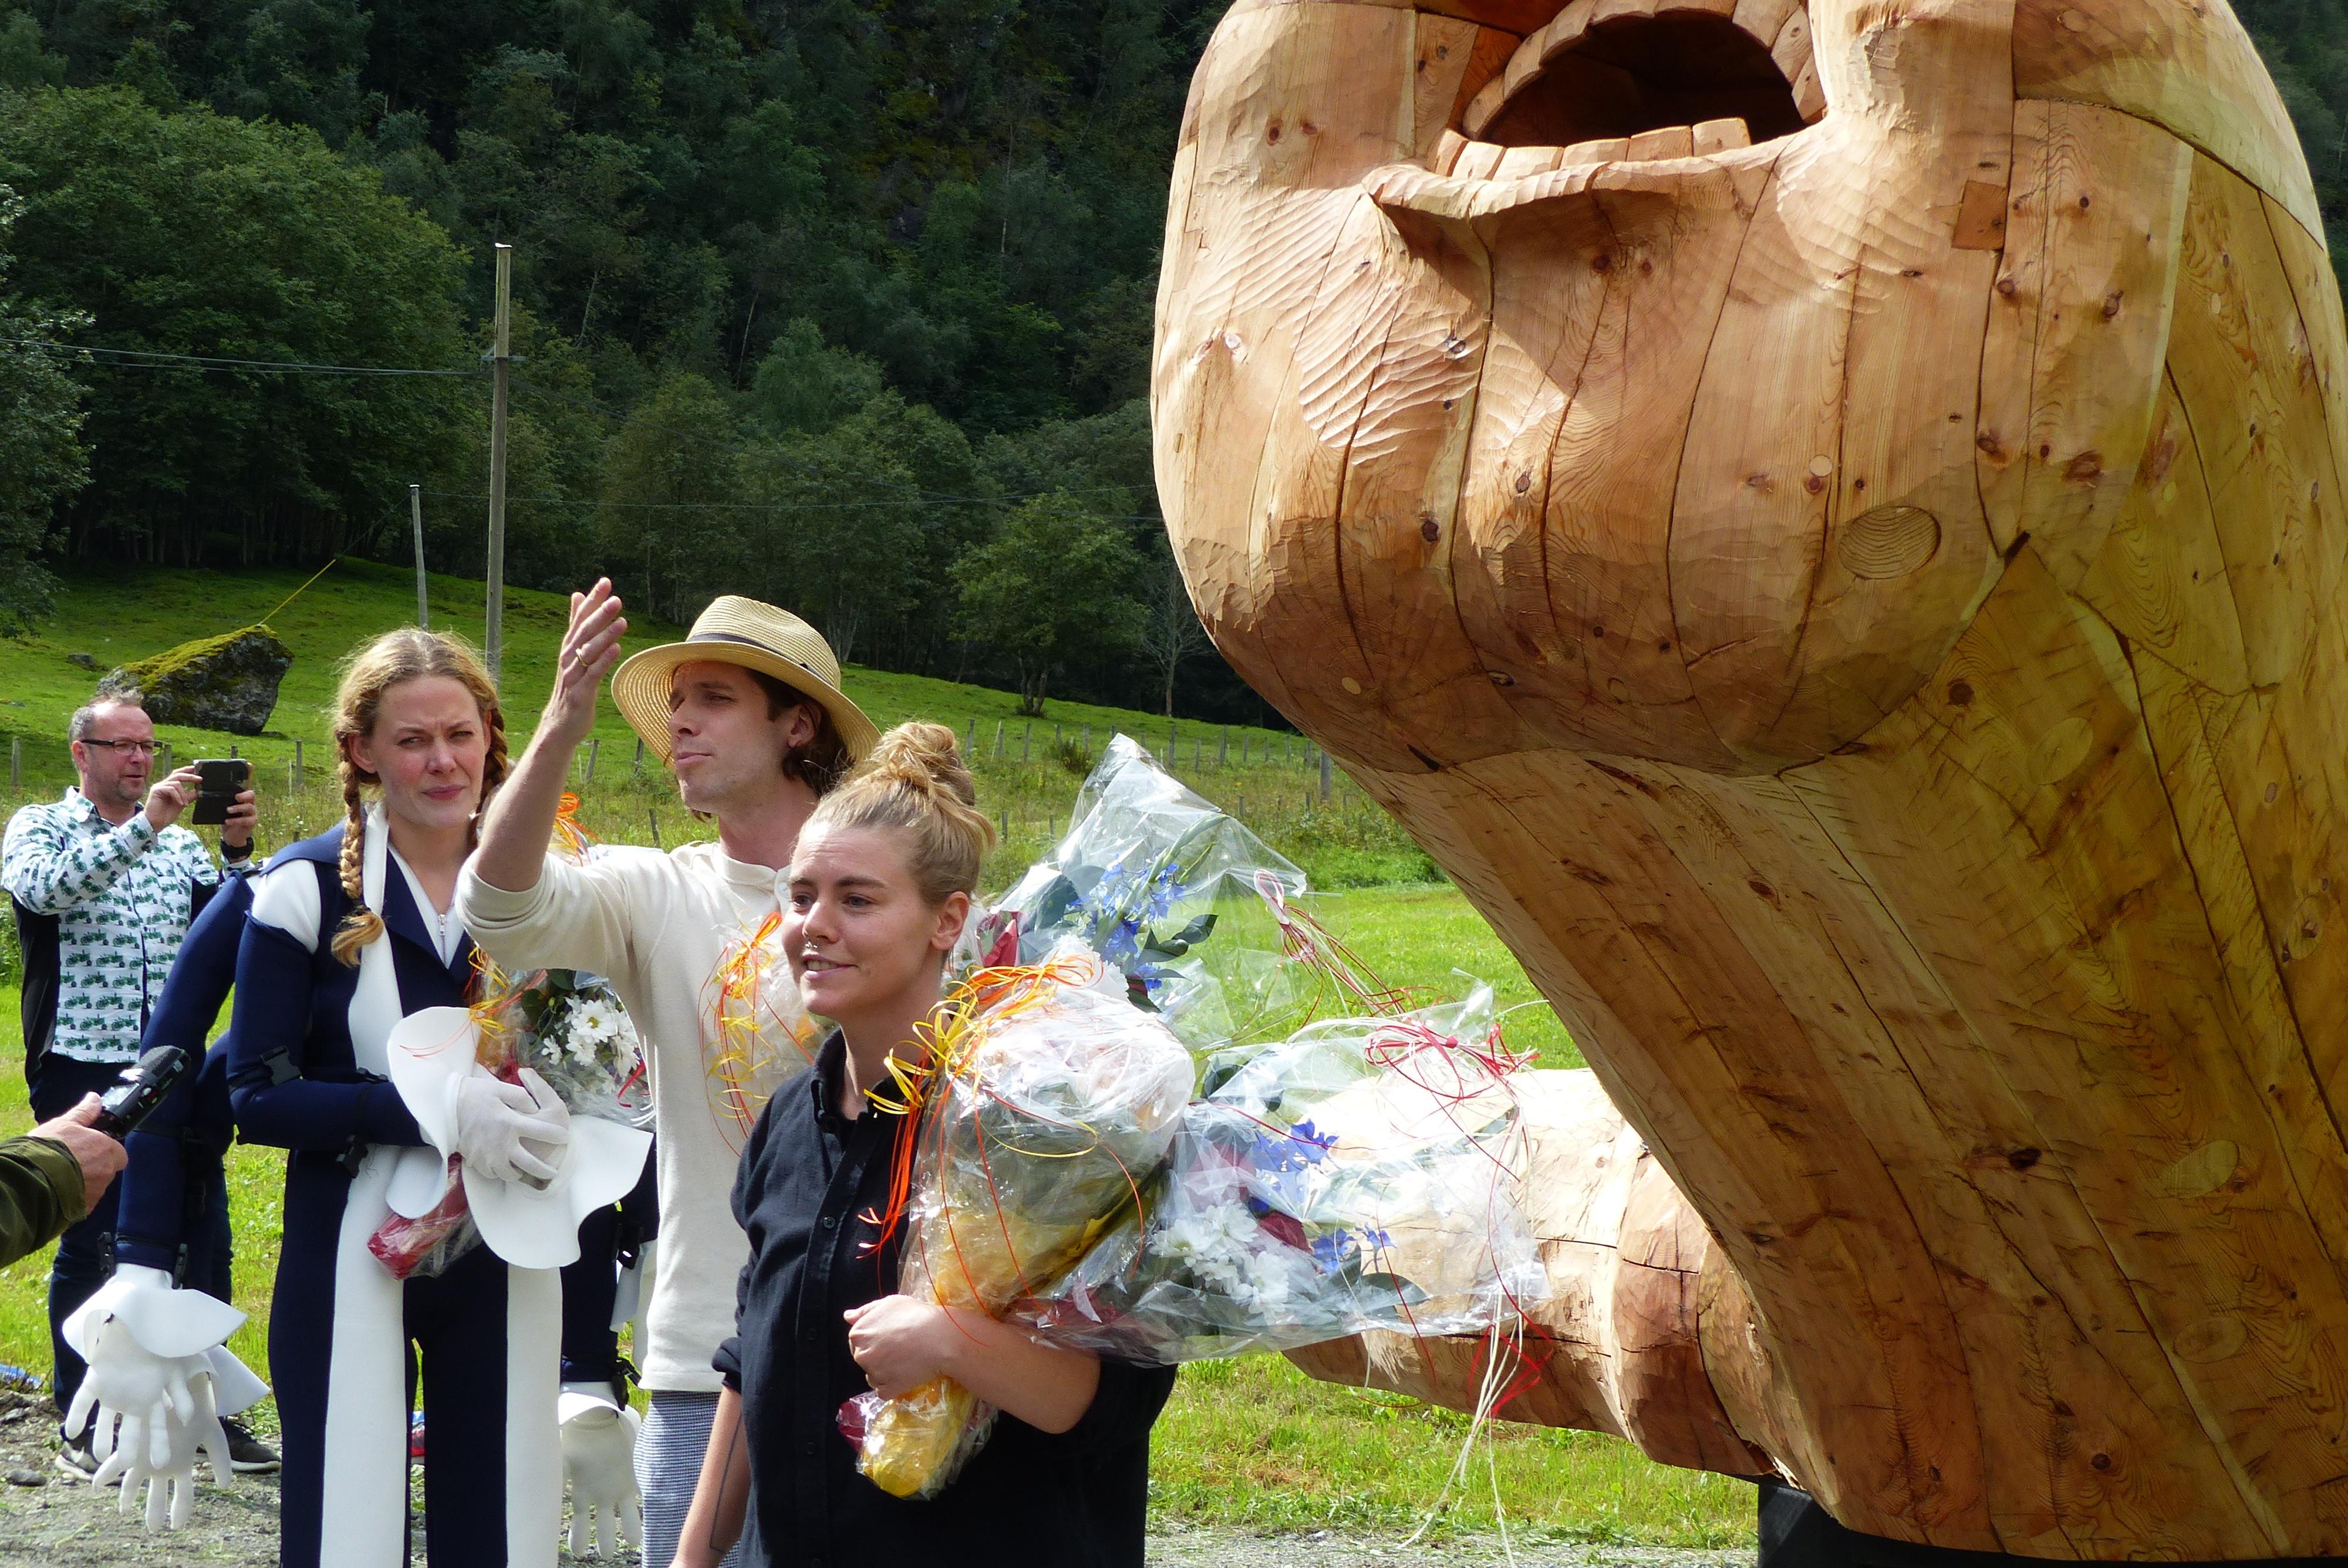 Kunstnarane Siri Hjorth t.v., Sebastian Makonnen Kjølaas og Marianne Bredesen under avdukinga av Wittgenstein-monumentet.